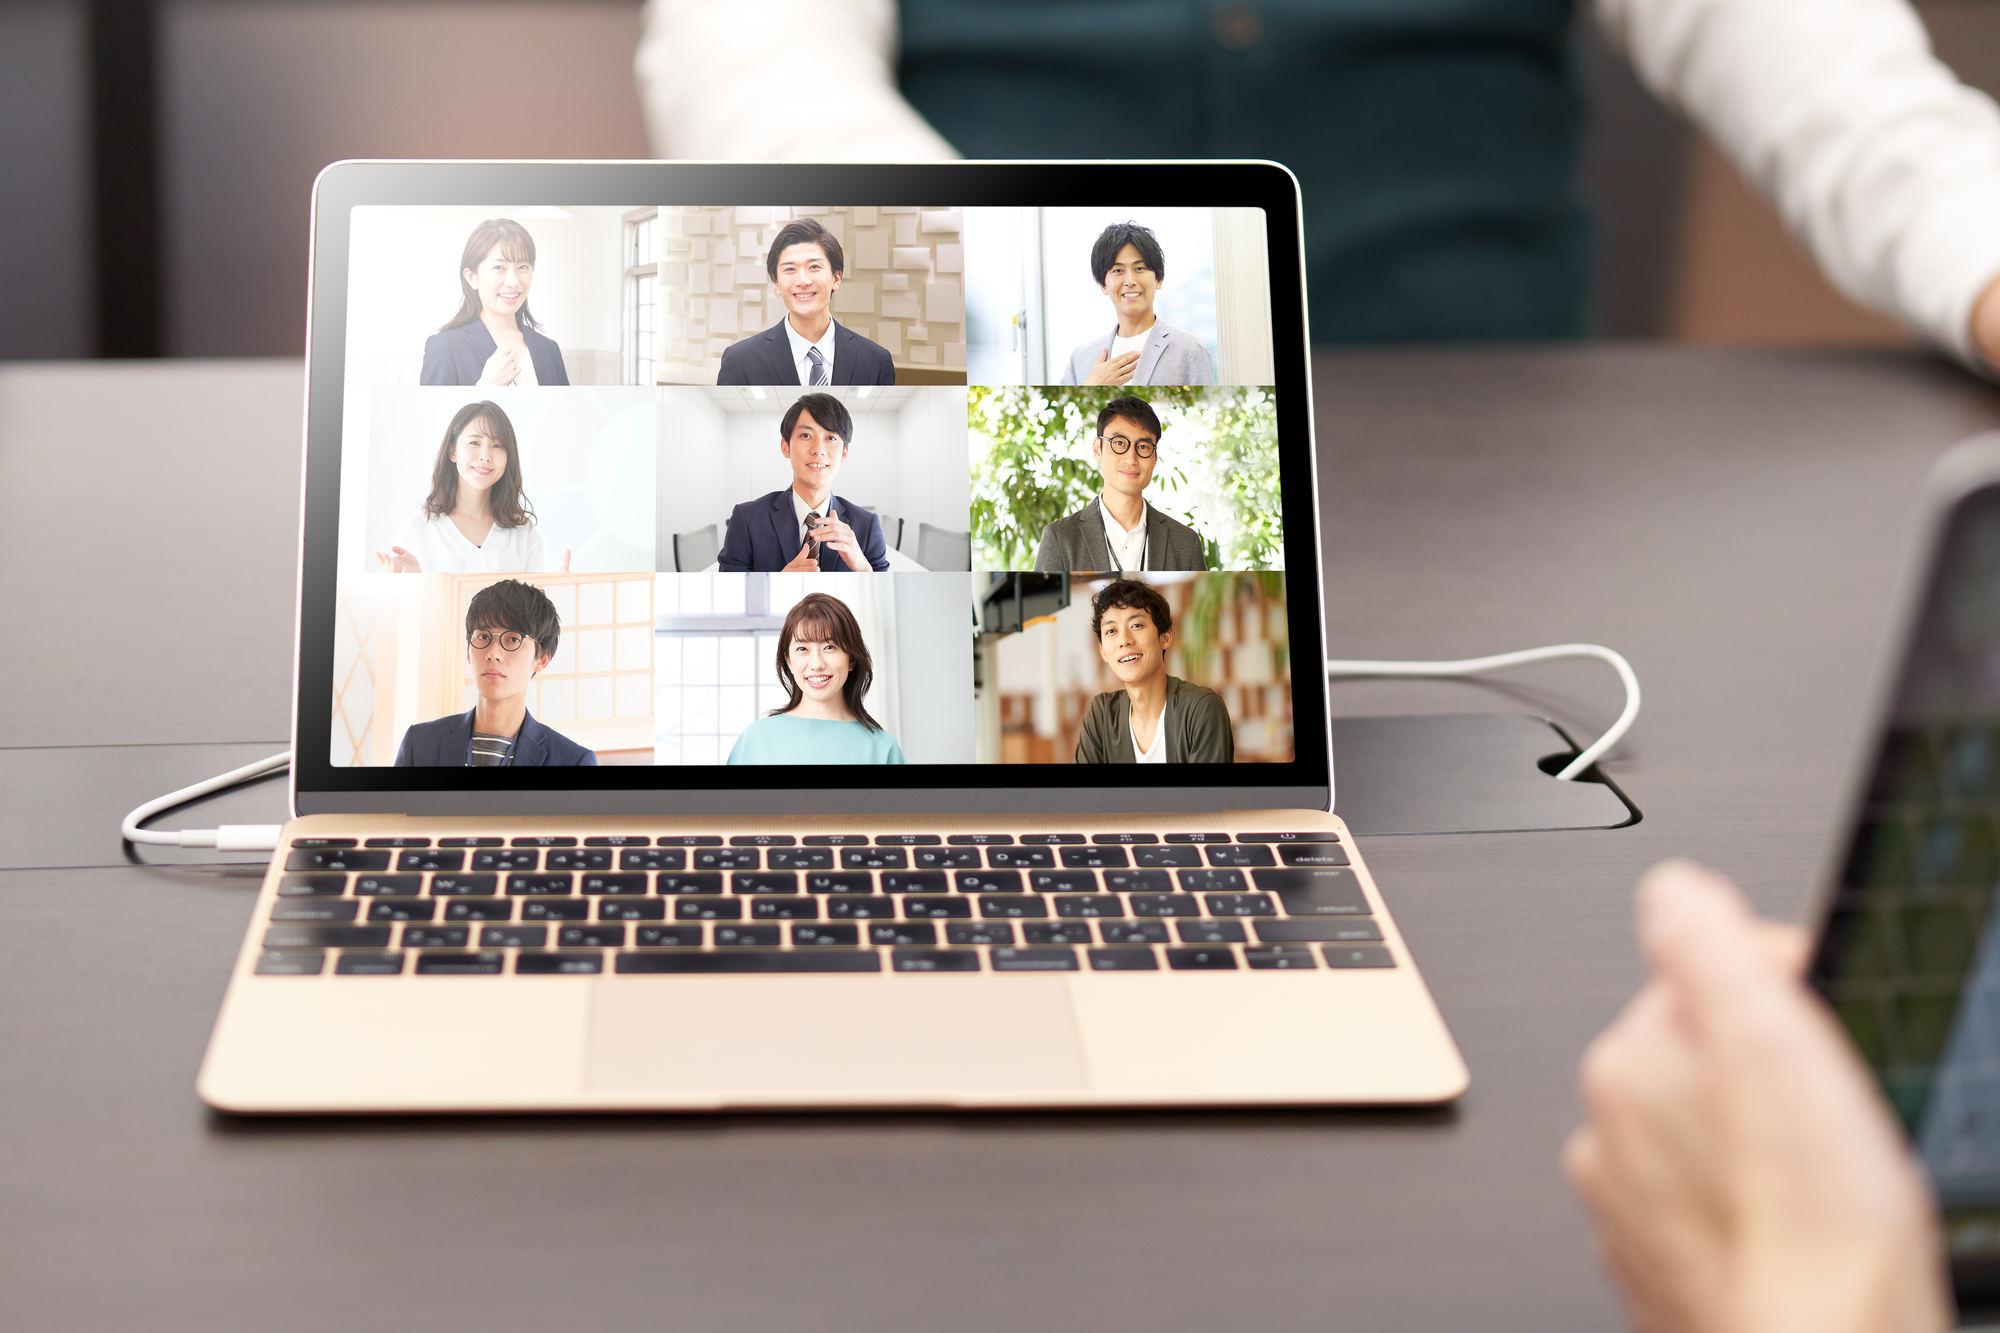 オンライン会議 オンラインミーティング